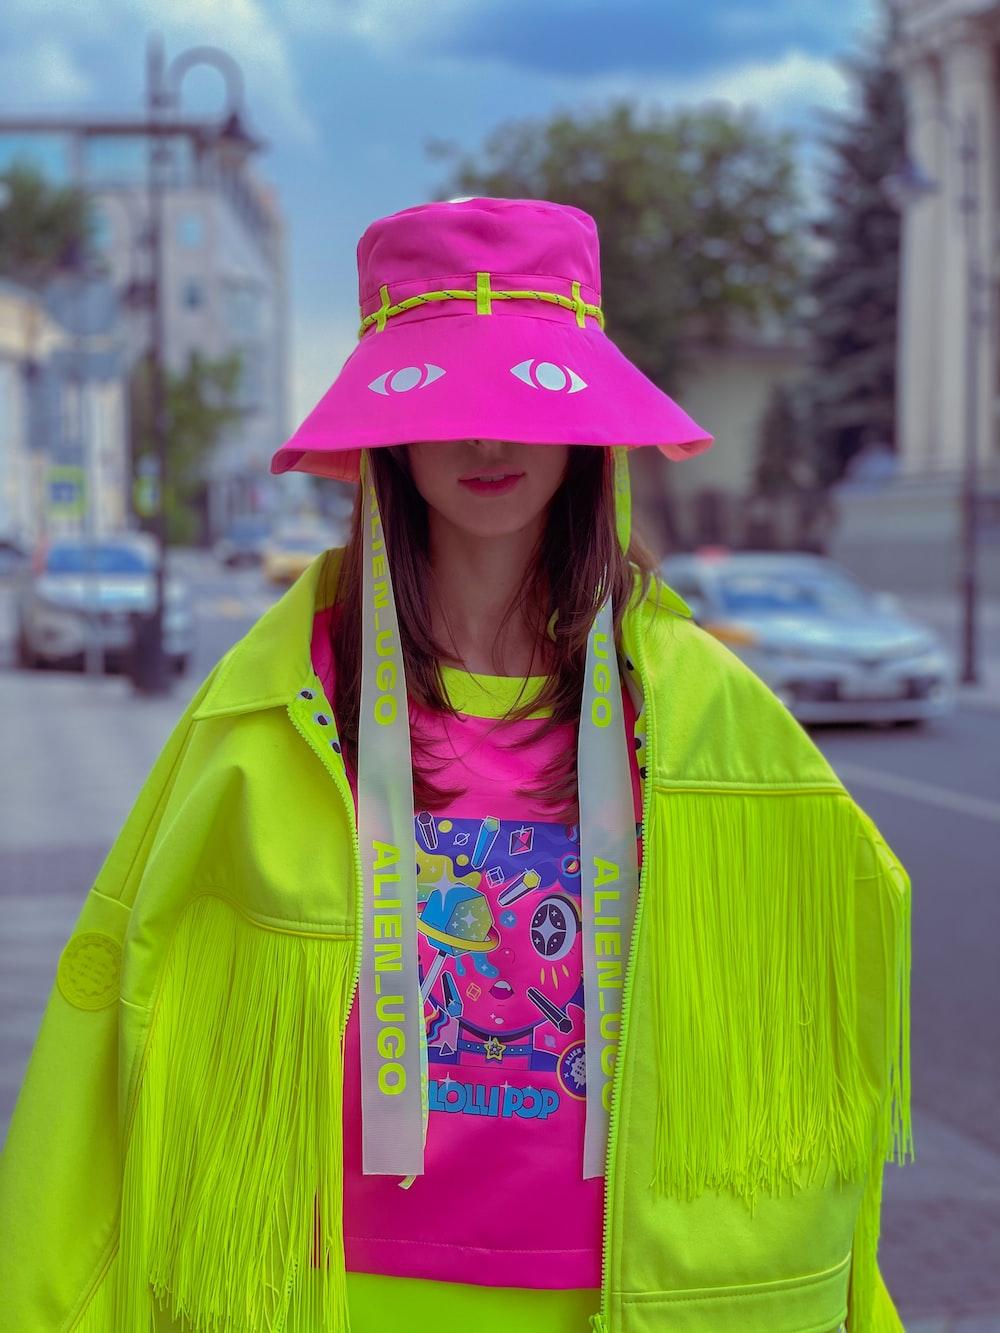 woman in green jacket wearing pink hat